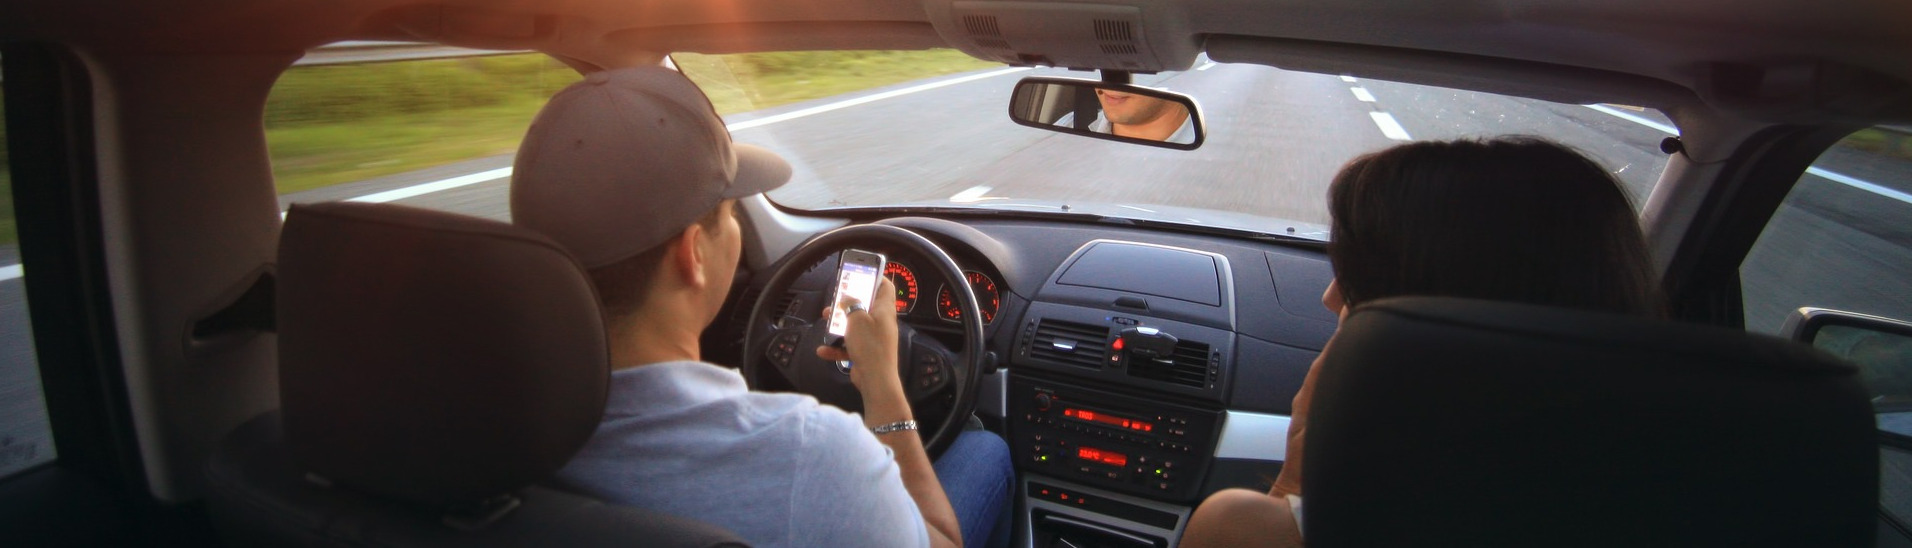 Uso móvil durante conducción